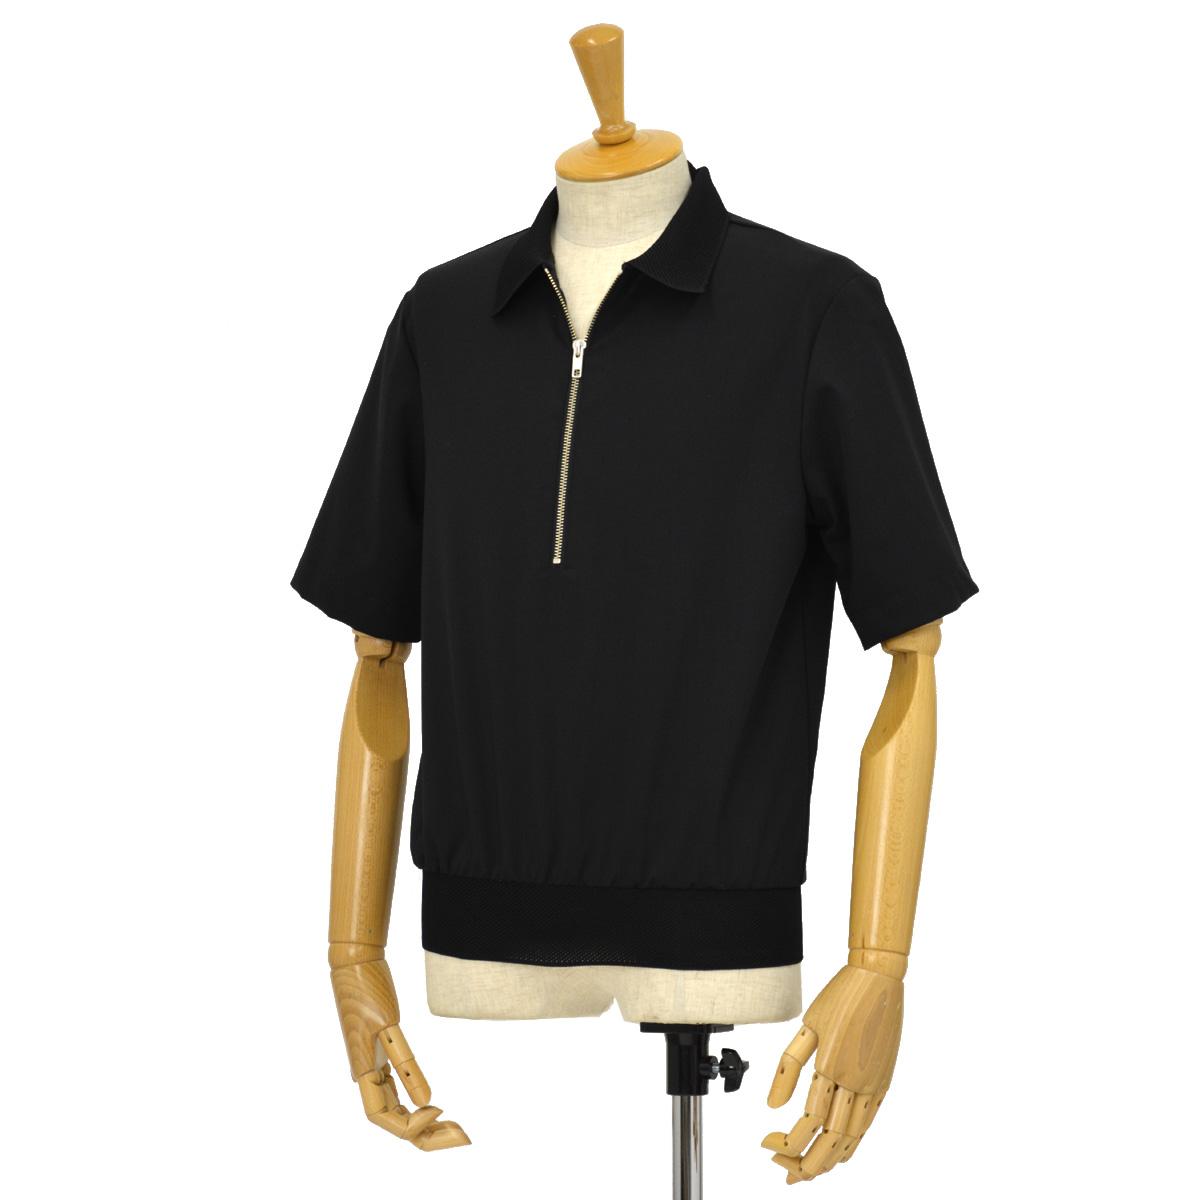 BARENA VENEZIA【バレナ ヴェネチア】プルオーバーシャツ TSU18290315 T-shirt Argo Tropico Nero ウール ブラック